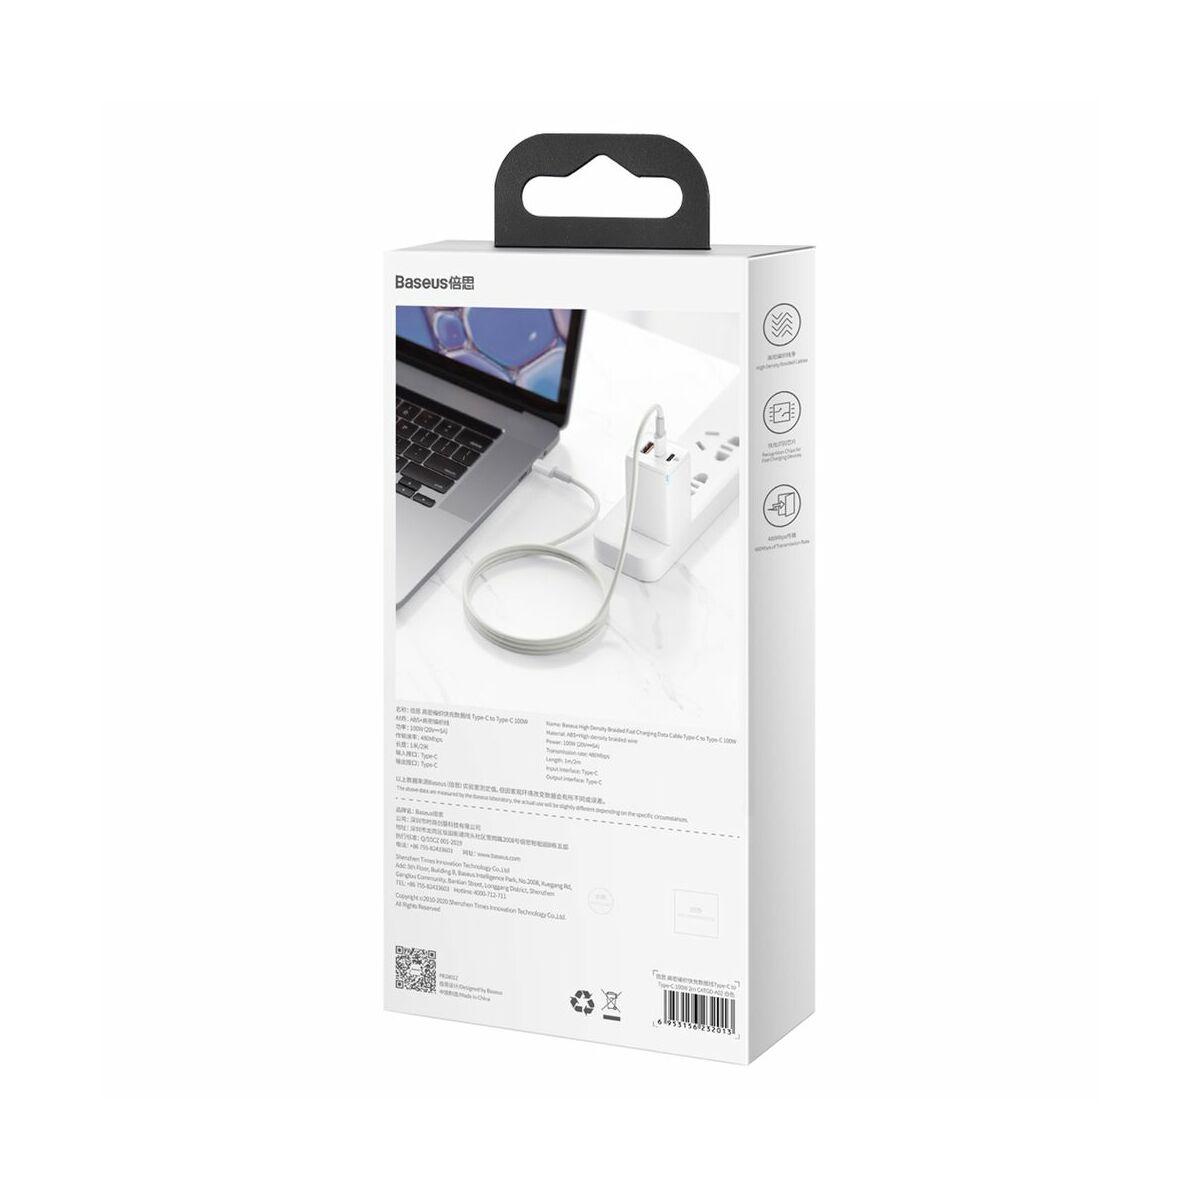 Baseus Type-C - Type-C kábel, sűrű szövésű gyorstöltő és adatkábel 100W (20V/5A) 2m, fehér (CATGD-A02)